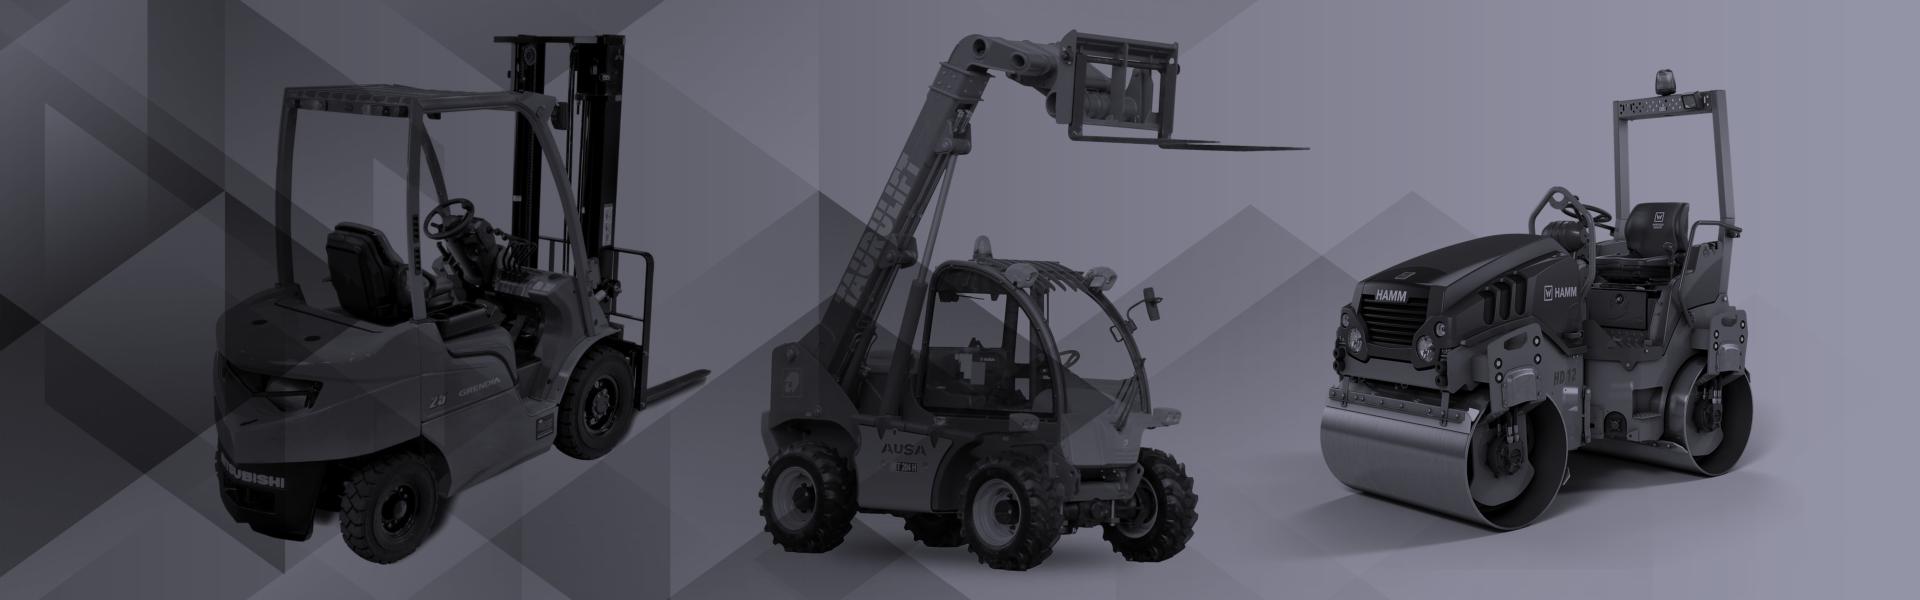 Alquiler de maquinaria y medios auxiliares